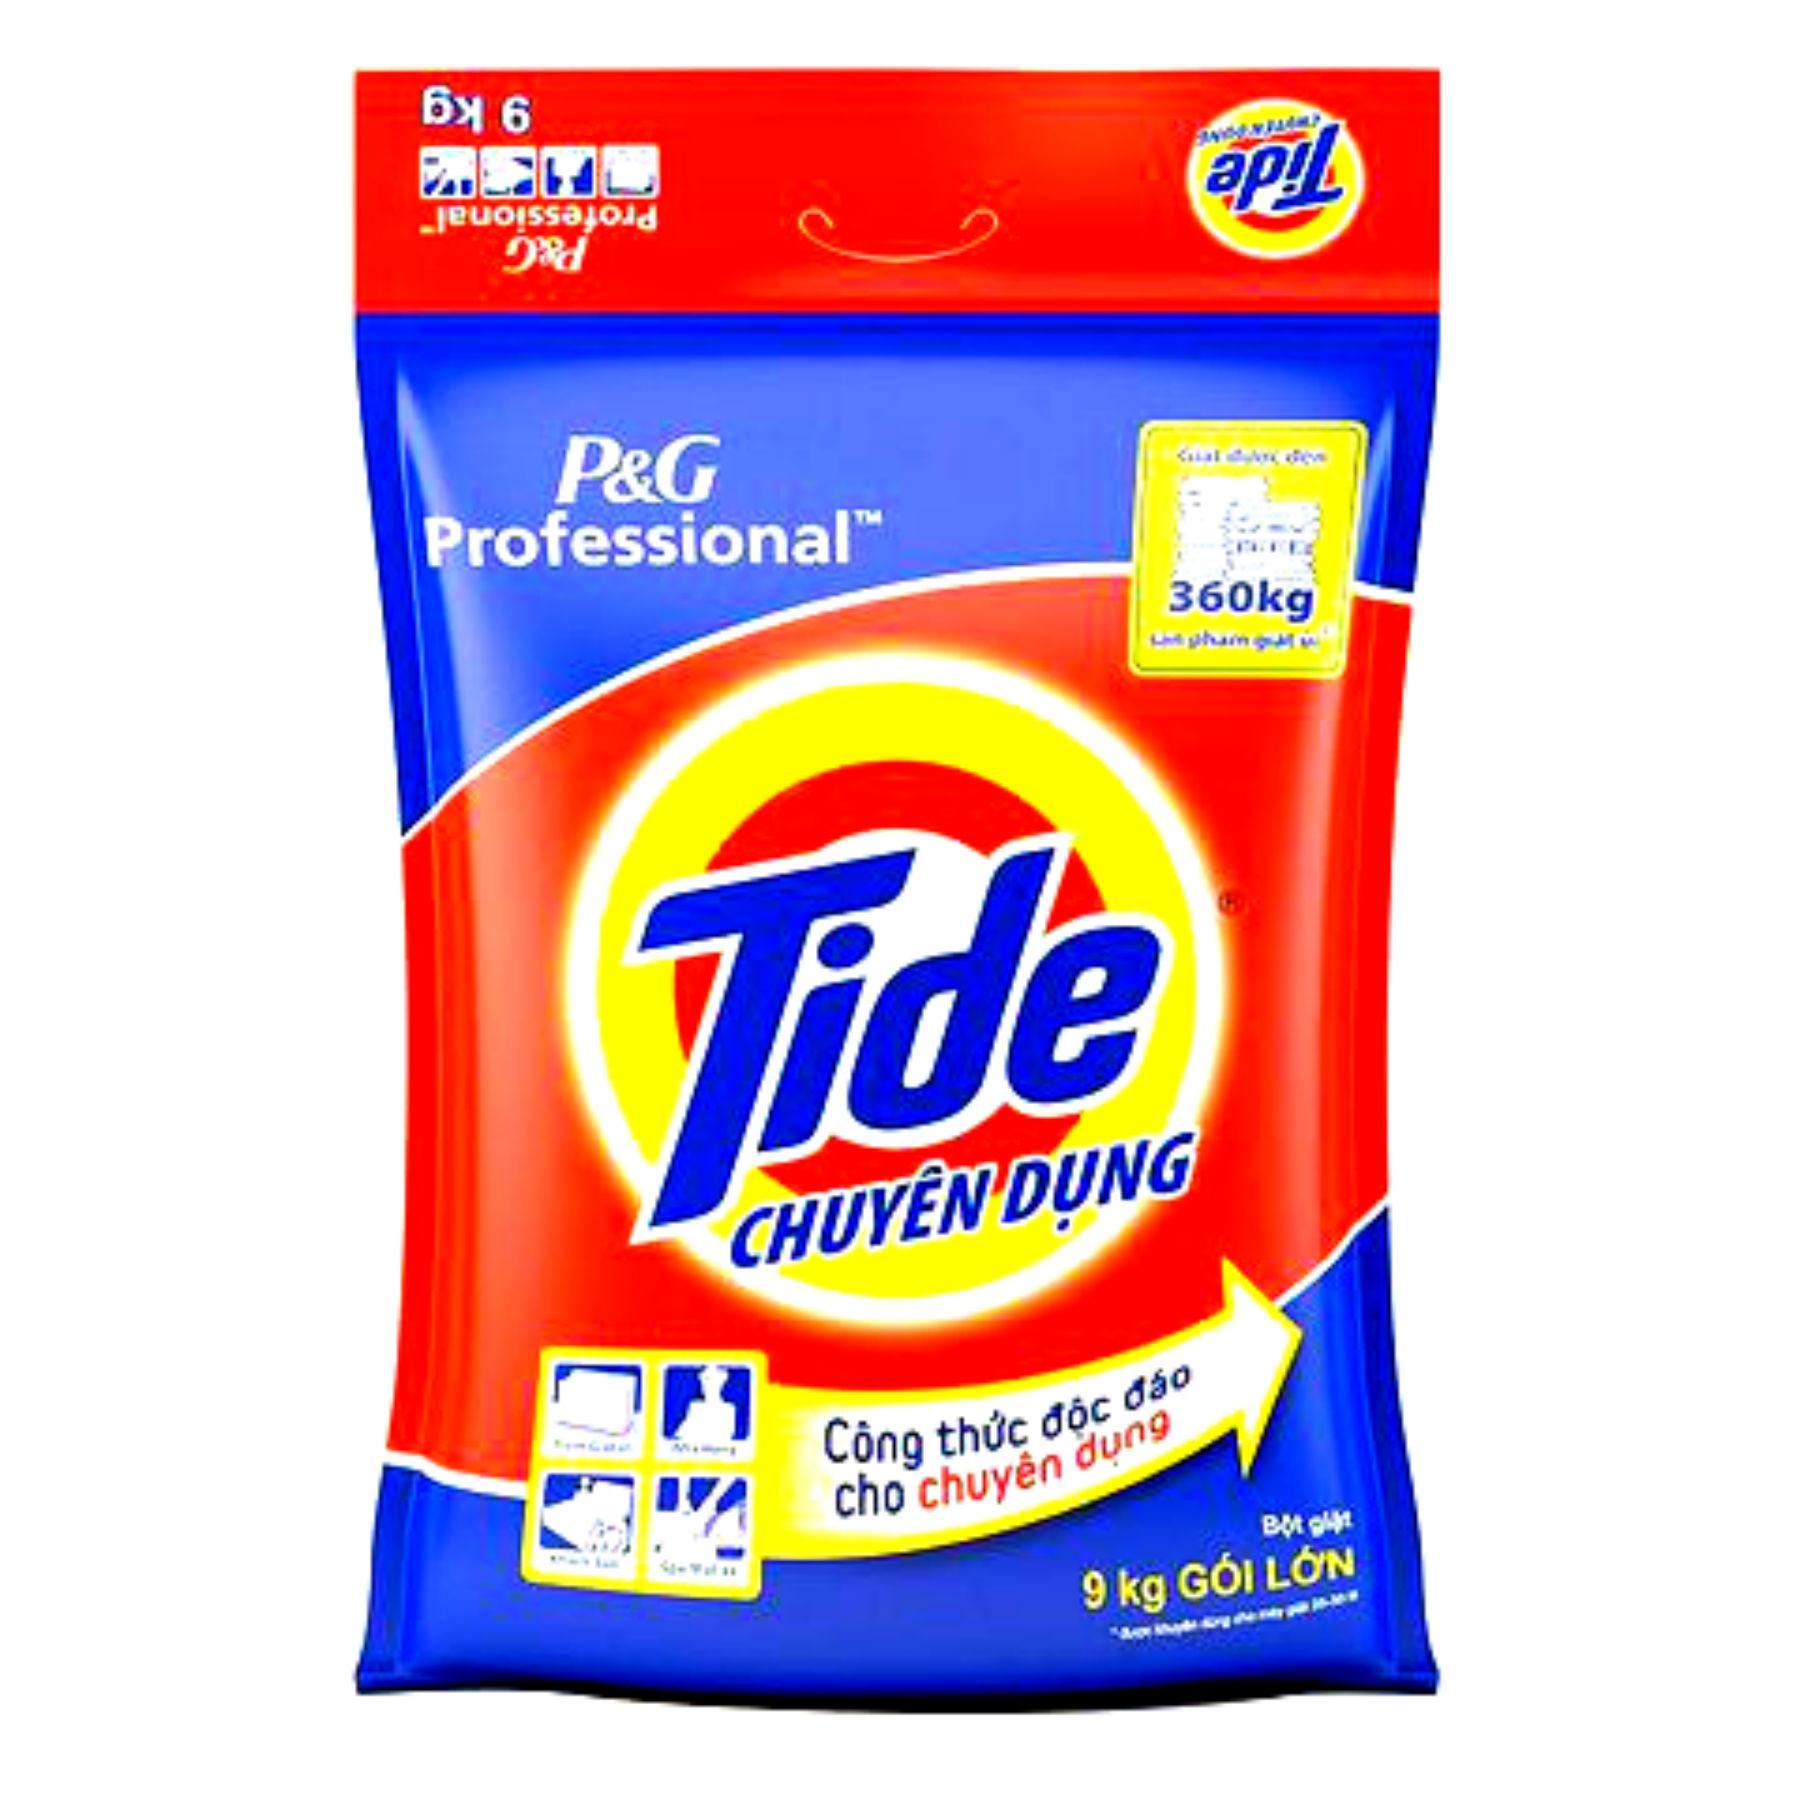 Giá Cực Sốc Khi Mua Bột Giặt Tide Chuyên Dụng 9kg